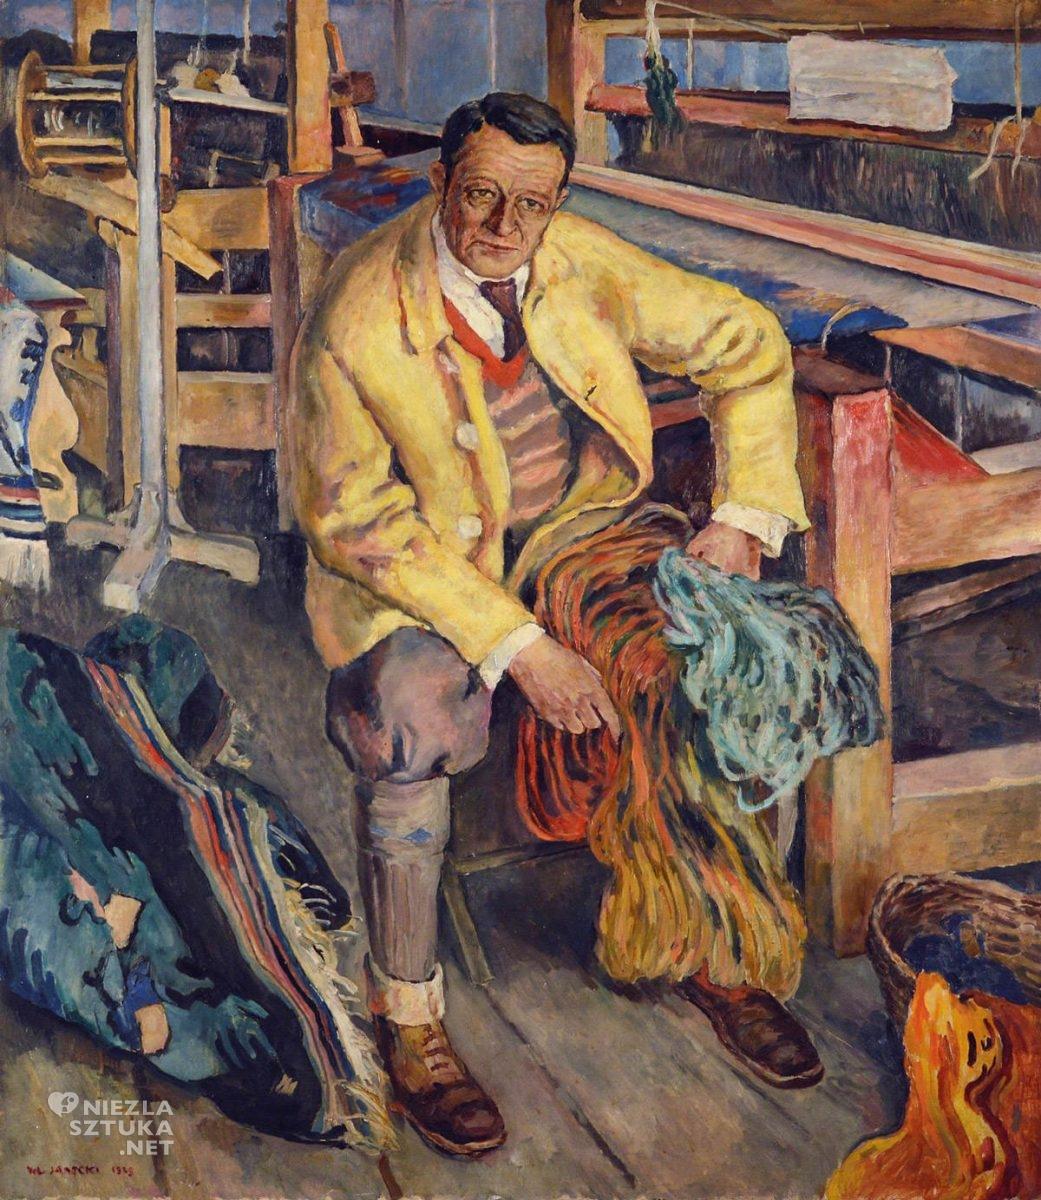 Władysław Jarocki, Portret Kazimierz Brzozowskiego, malarstwo polskie, sztuka polska, Niezła Sztuka